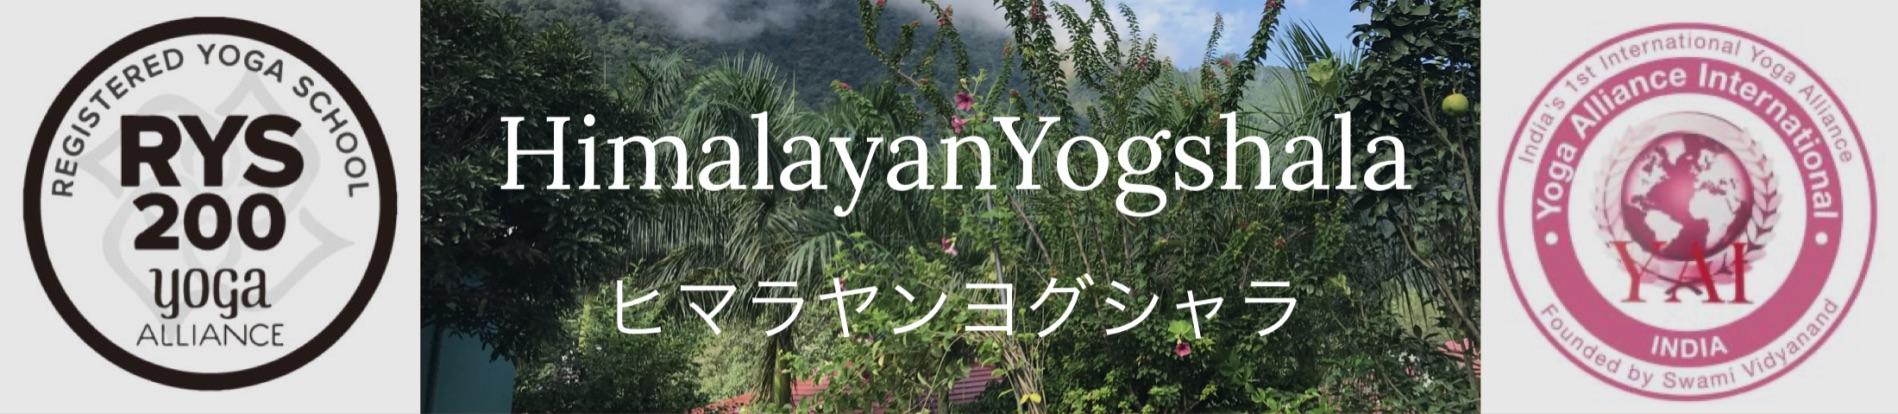 HimalayanYogshala